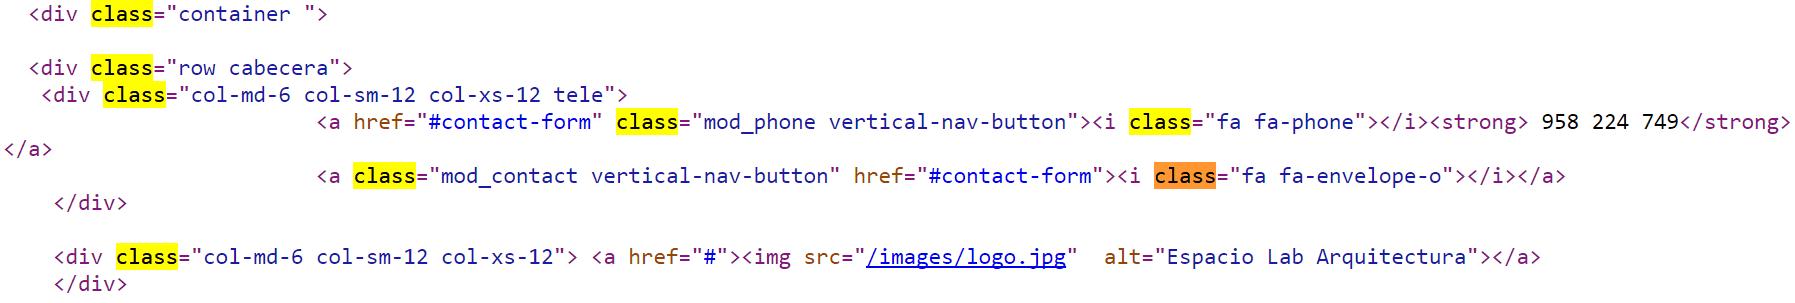 Ejemplo de class dentro del html